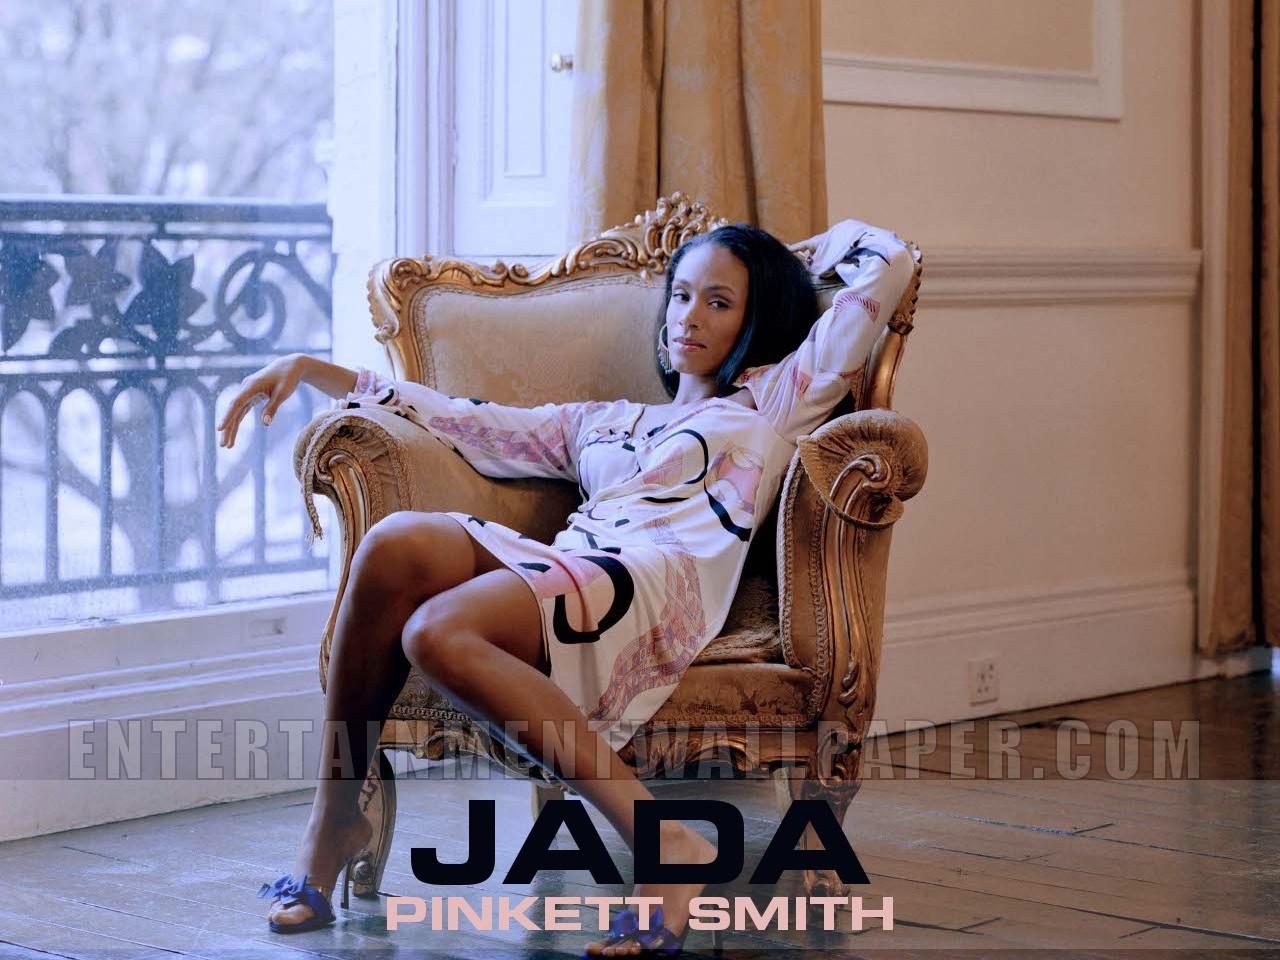 Jada Pinkett Smith Wallpaper   60032373 1280x960 1280x960